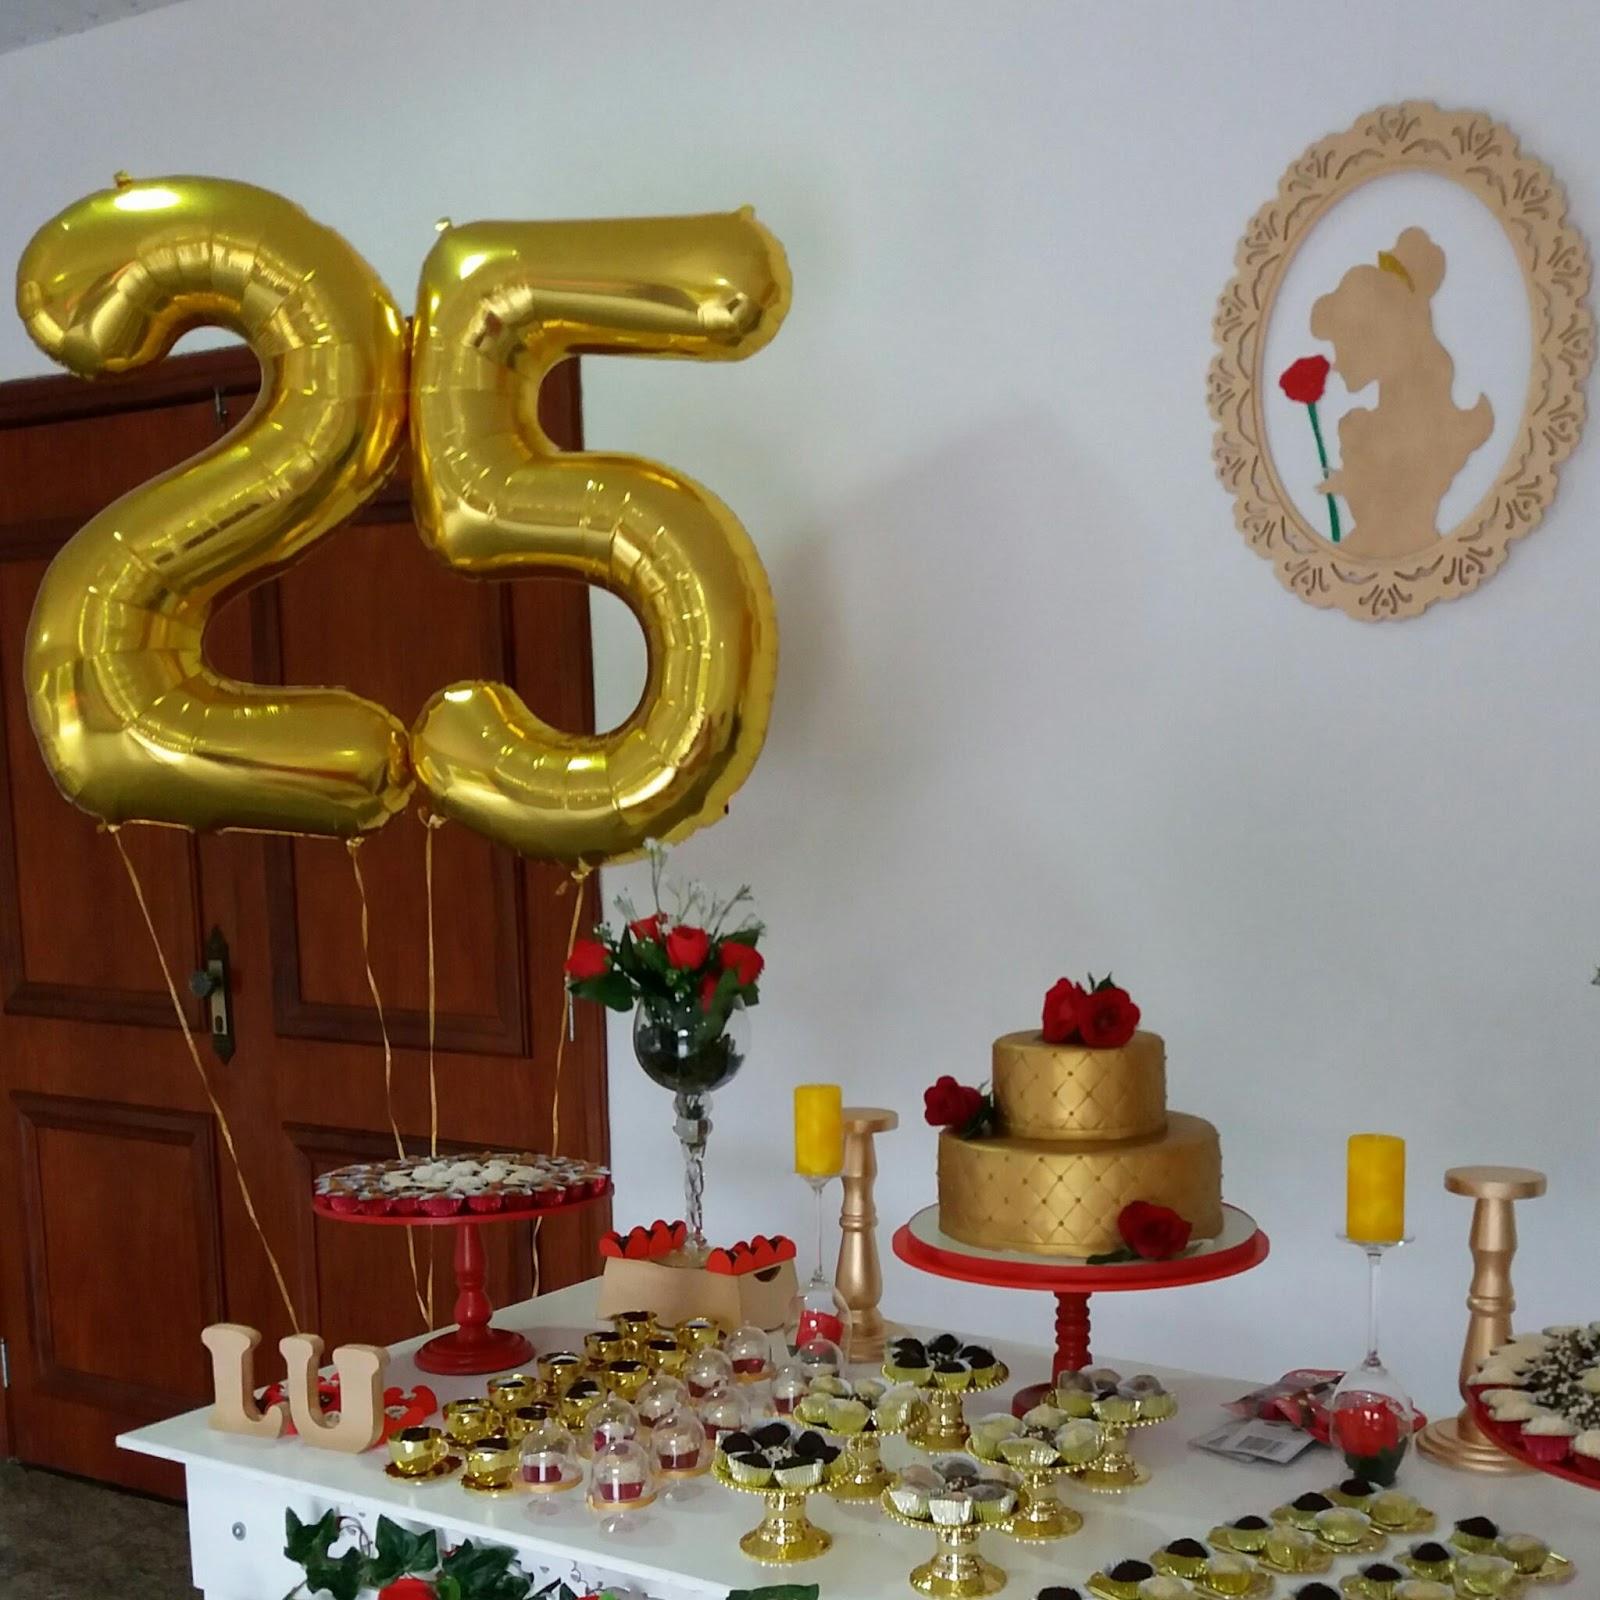 Decoração - Feita com carinho pela família da aniversariante. Balões - Loja  de artigos para festas Ratibum localizada na Rua voluntários da Pátria  Botafogo. 755ff5553e4e2